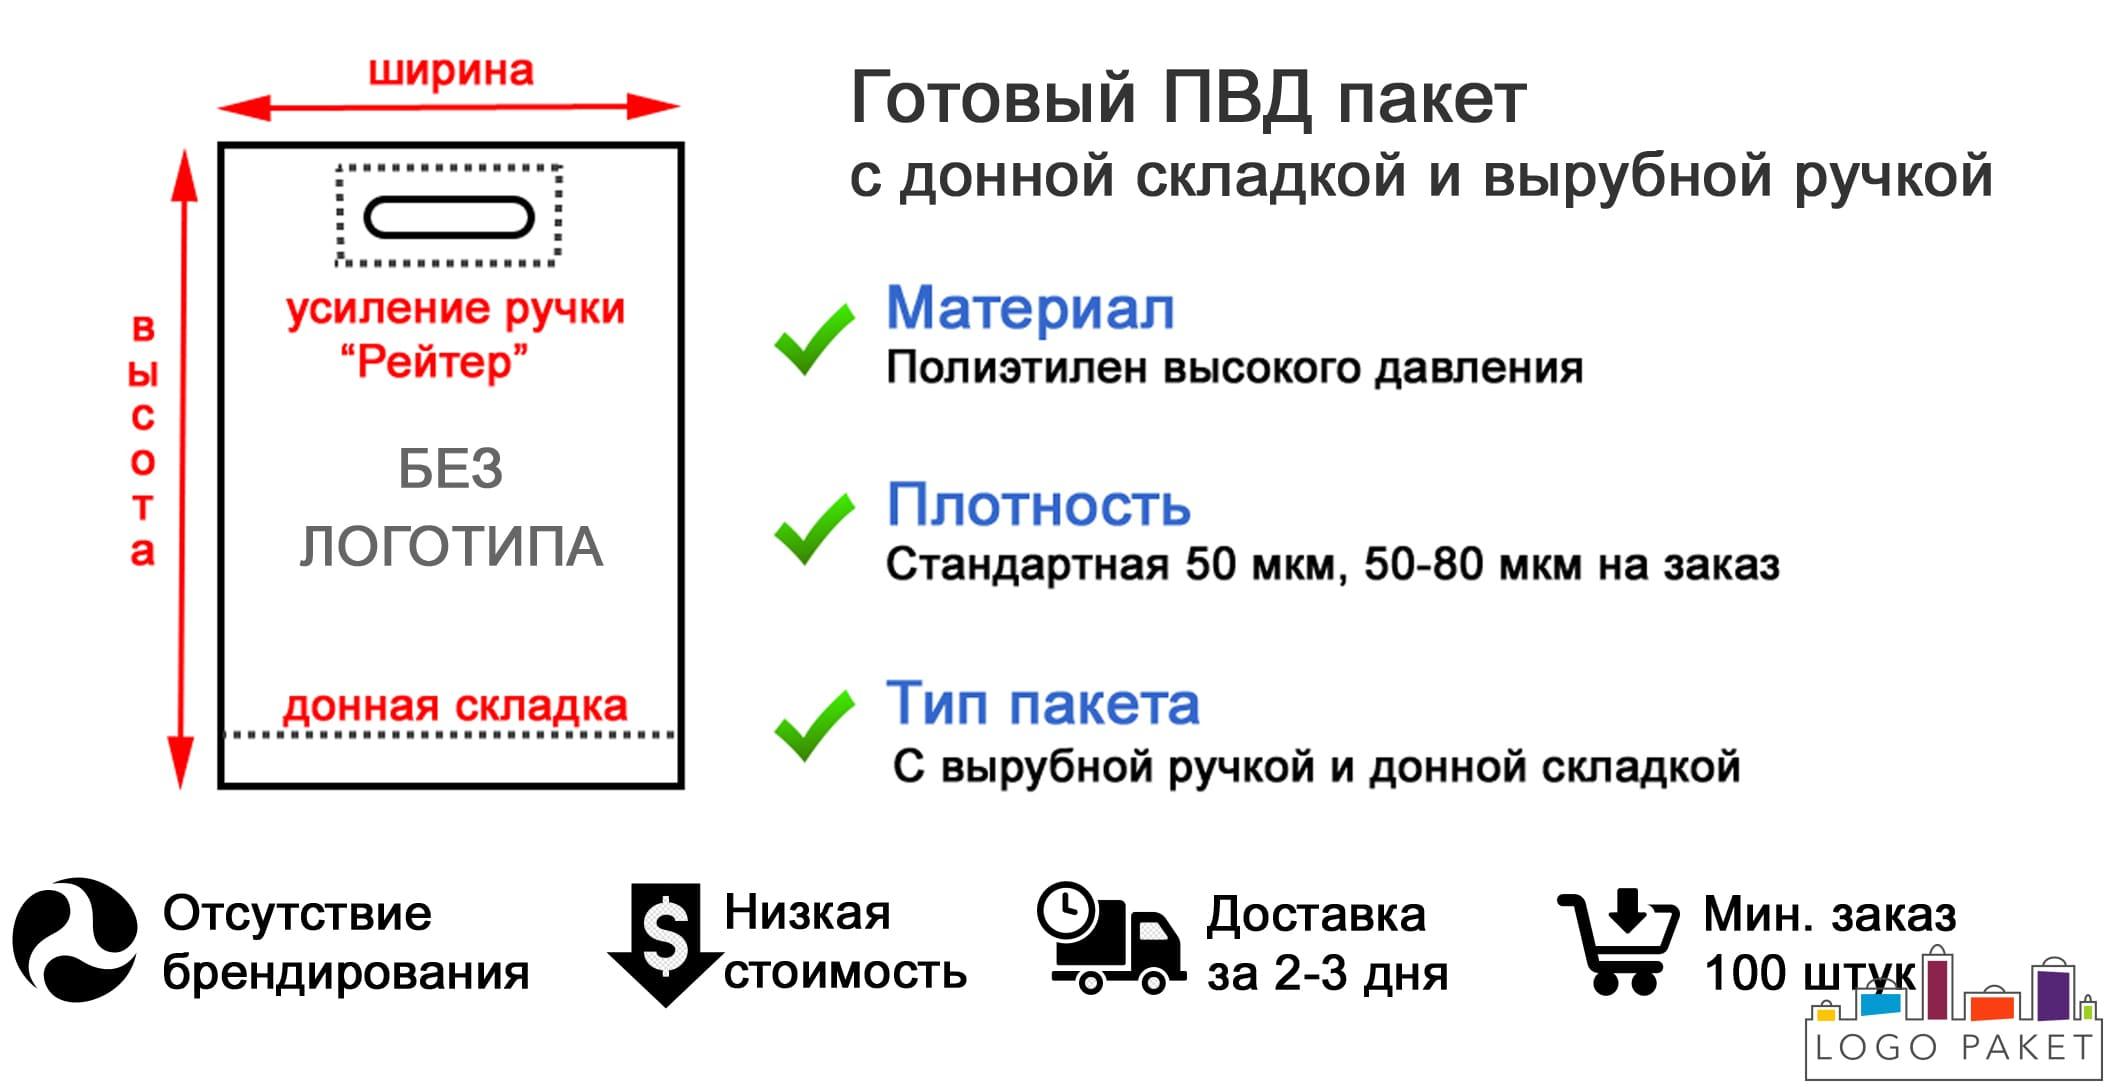 Готовый ПВД пакет инфографика